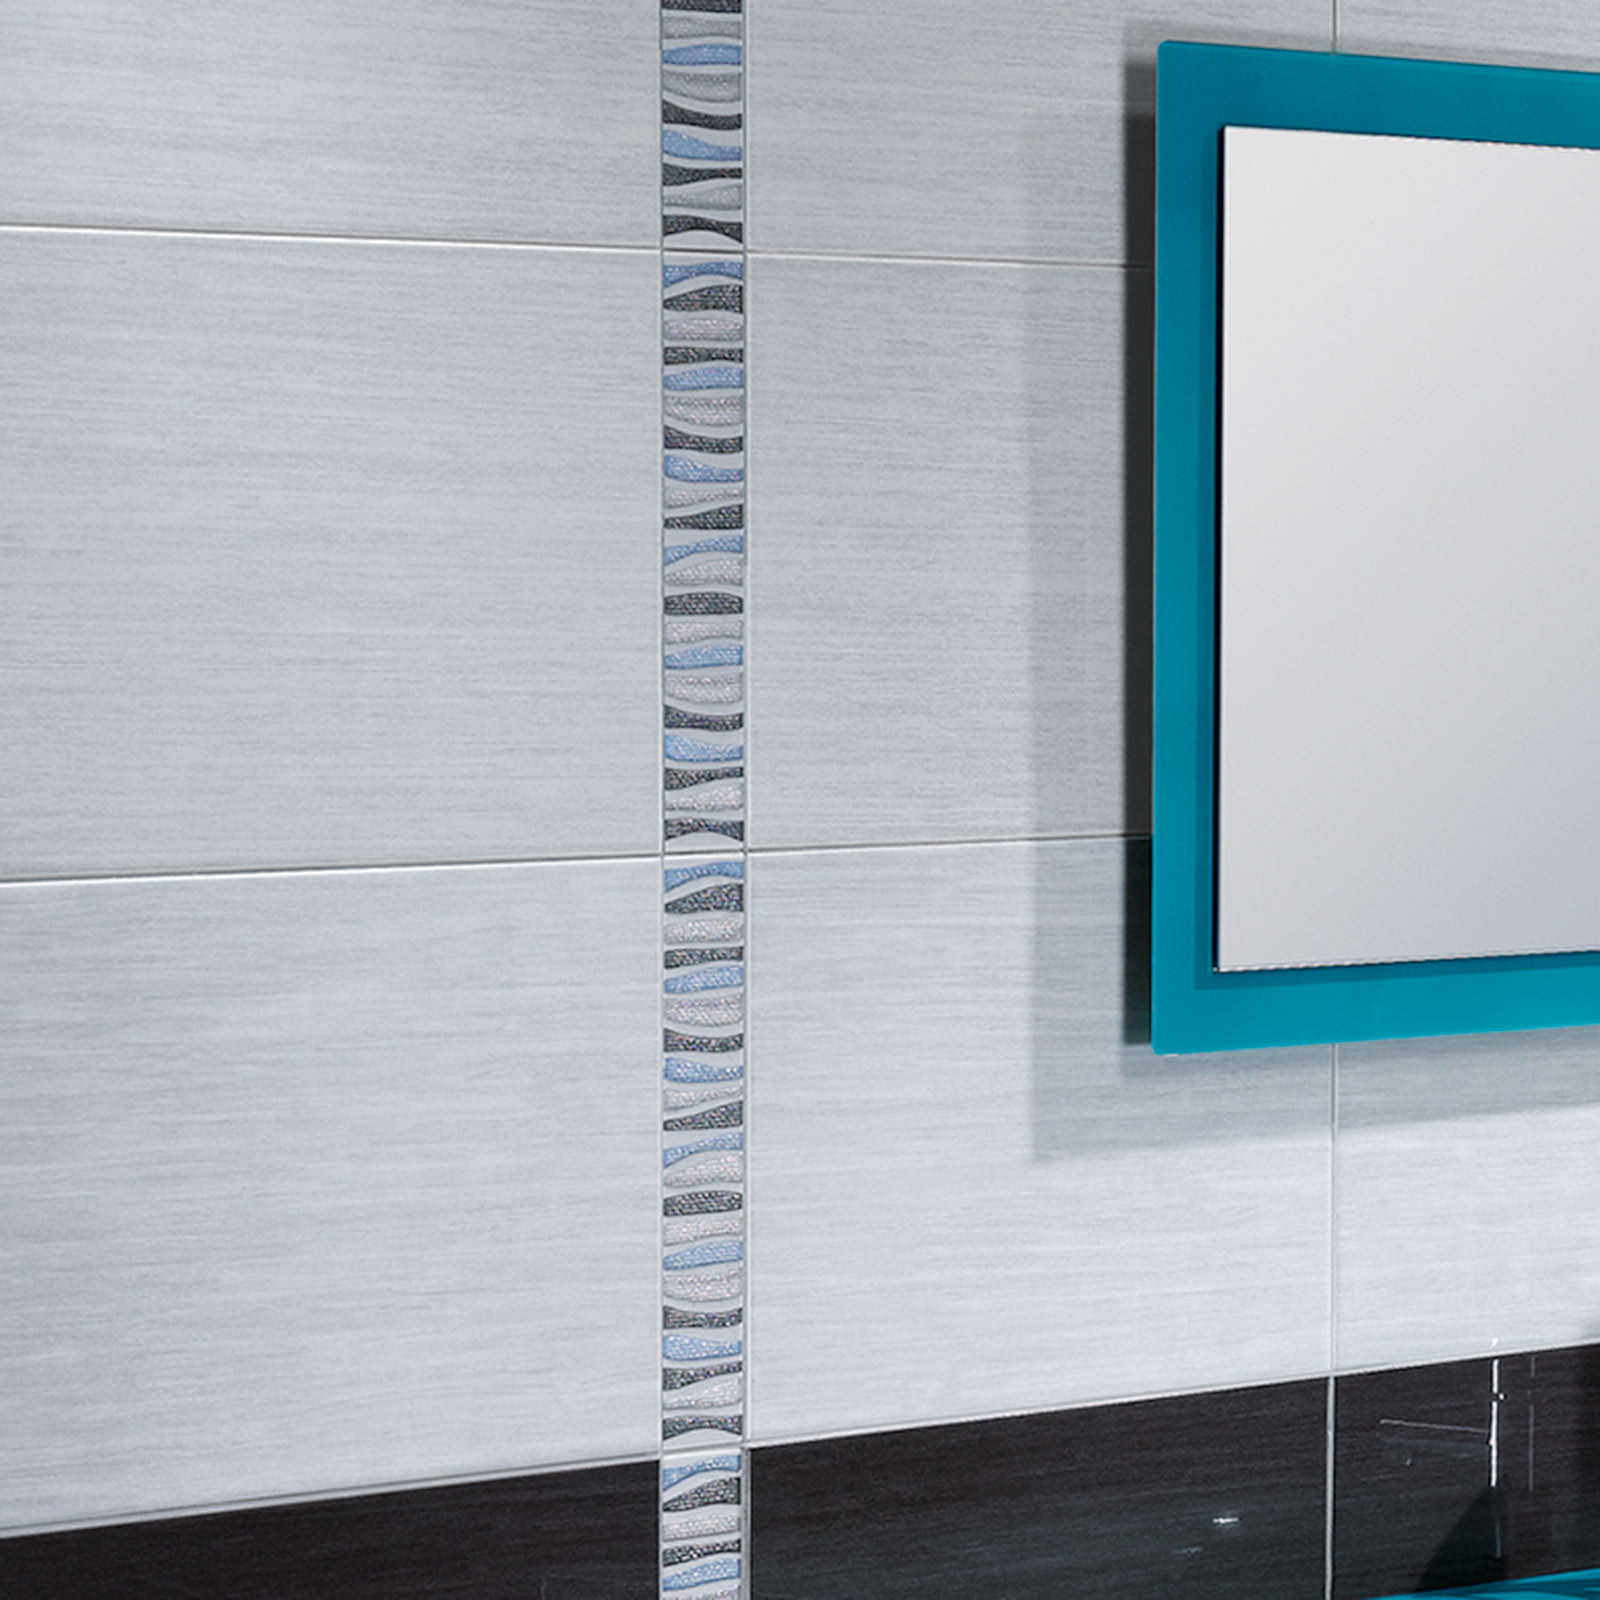 forum branco ceramic wall tile. Black Bedroom Furniture Sets. Home Design Ideas